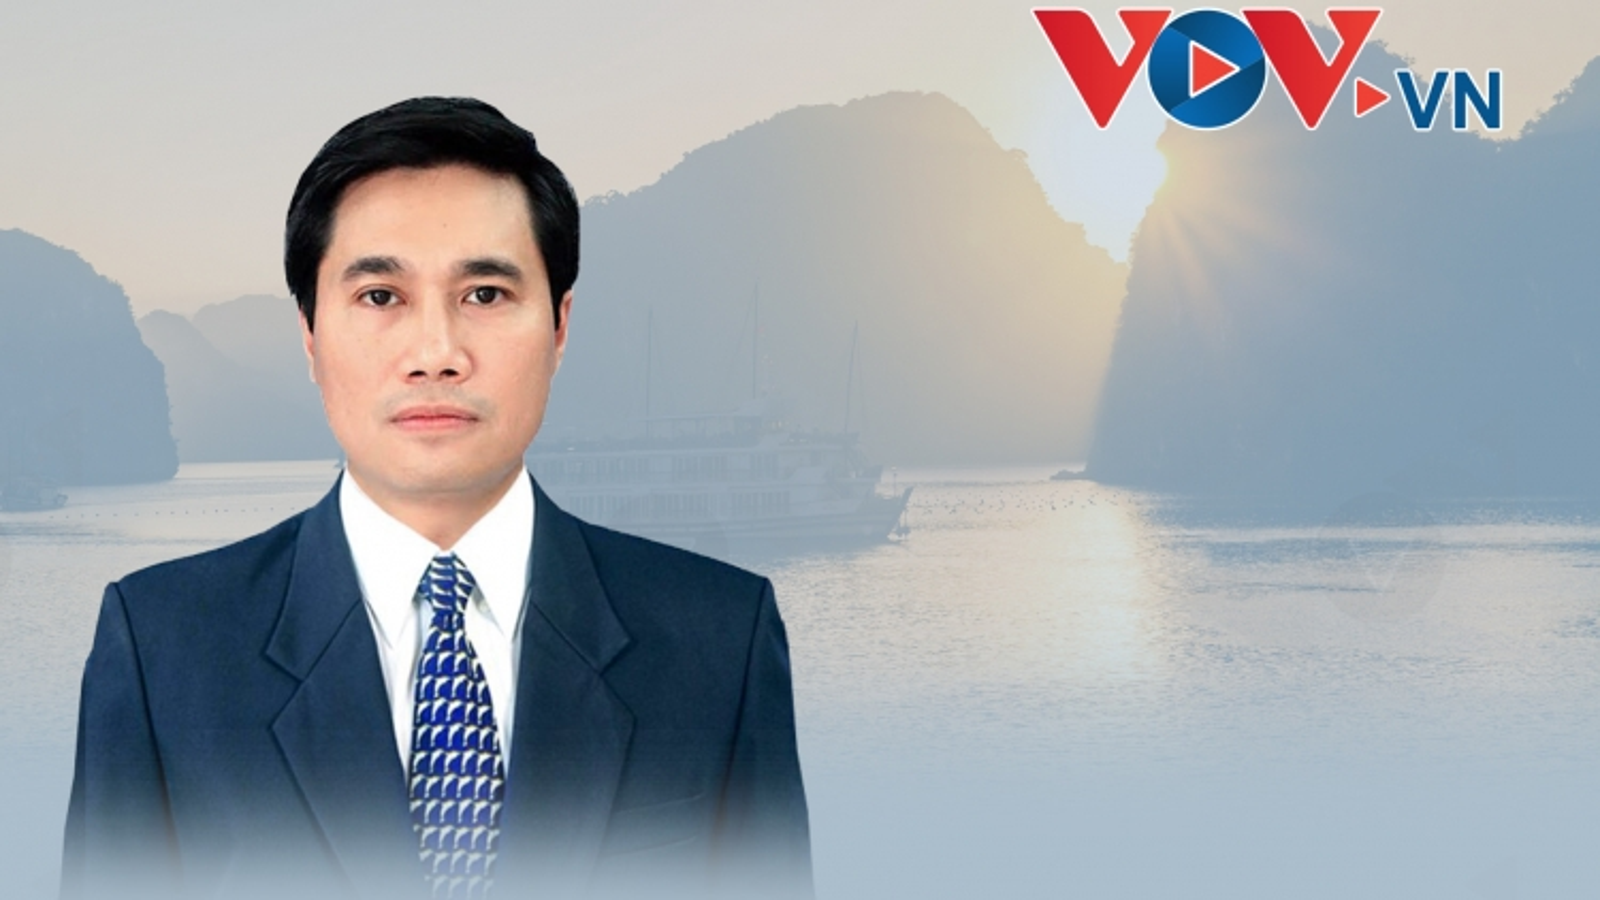 Chân dung tân Chủ tịch UBND tỉnh Quảng Ninh Nguyễn Tường Văn